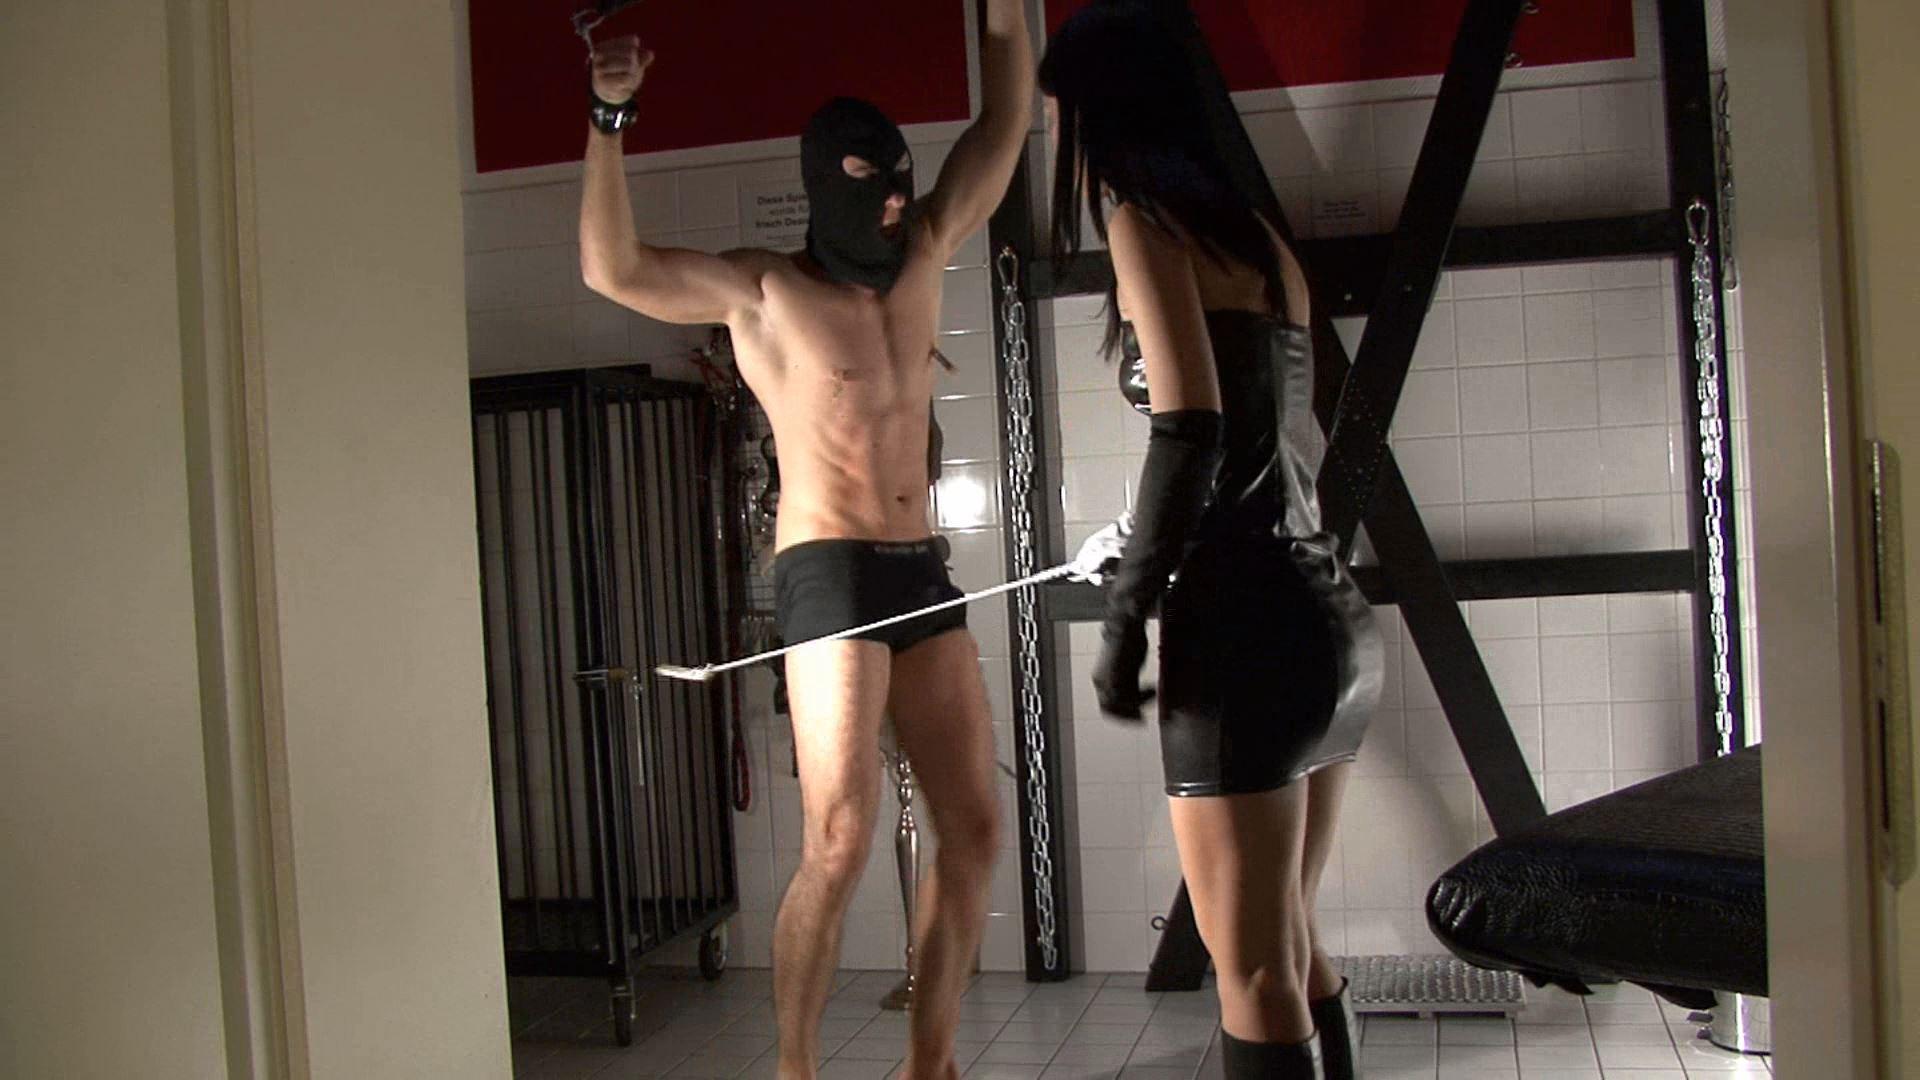 Mistress Chanel In Scene: Suffer Slave - CLIPS4SALE / CRUSH PASSION - FULL HD/1080p/MP4